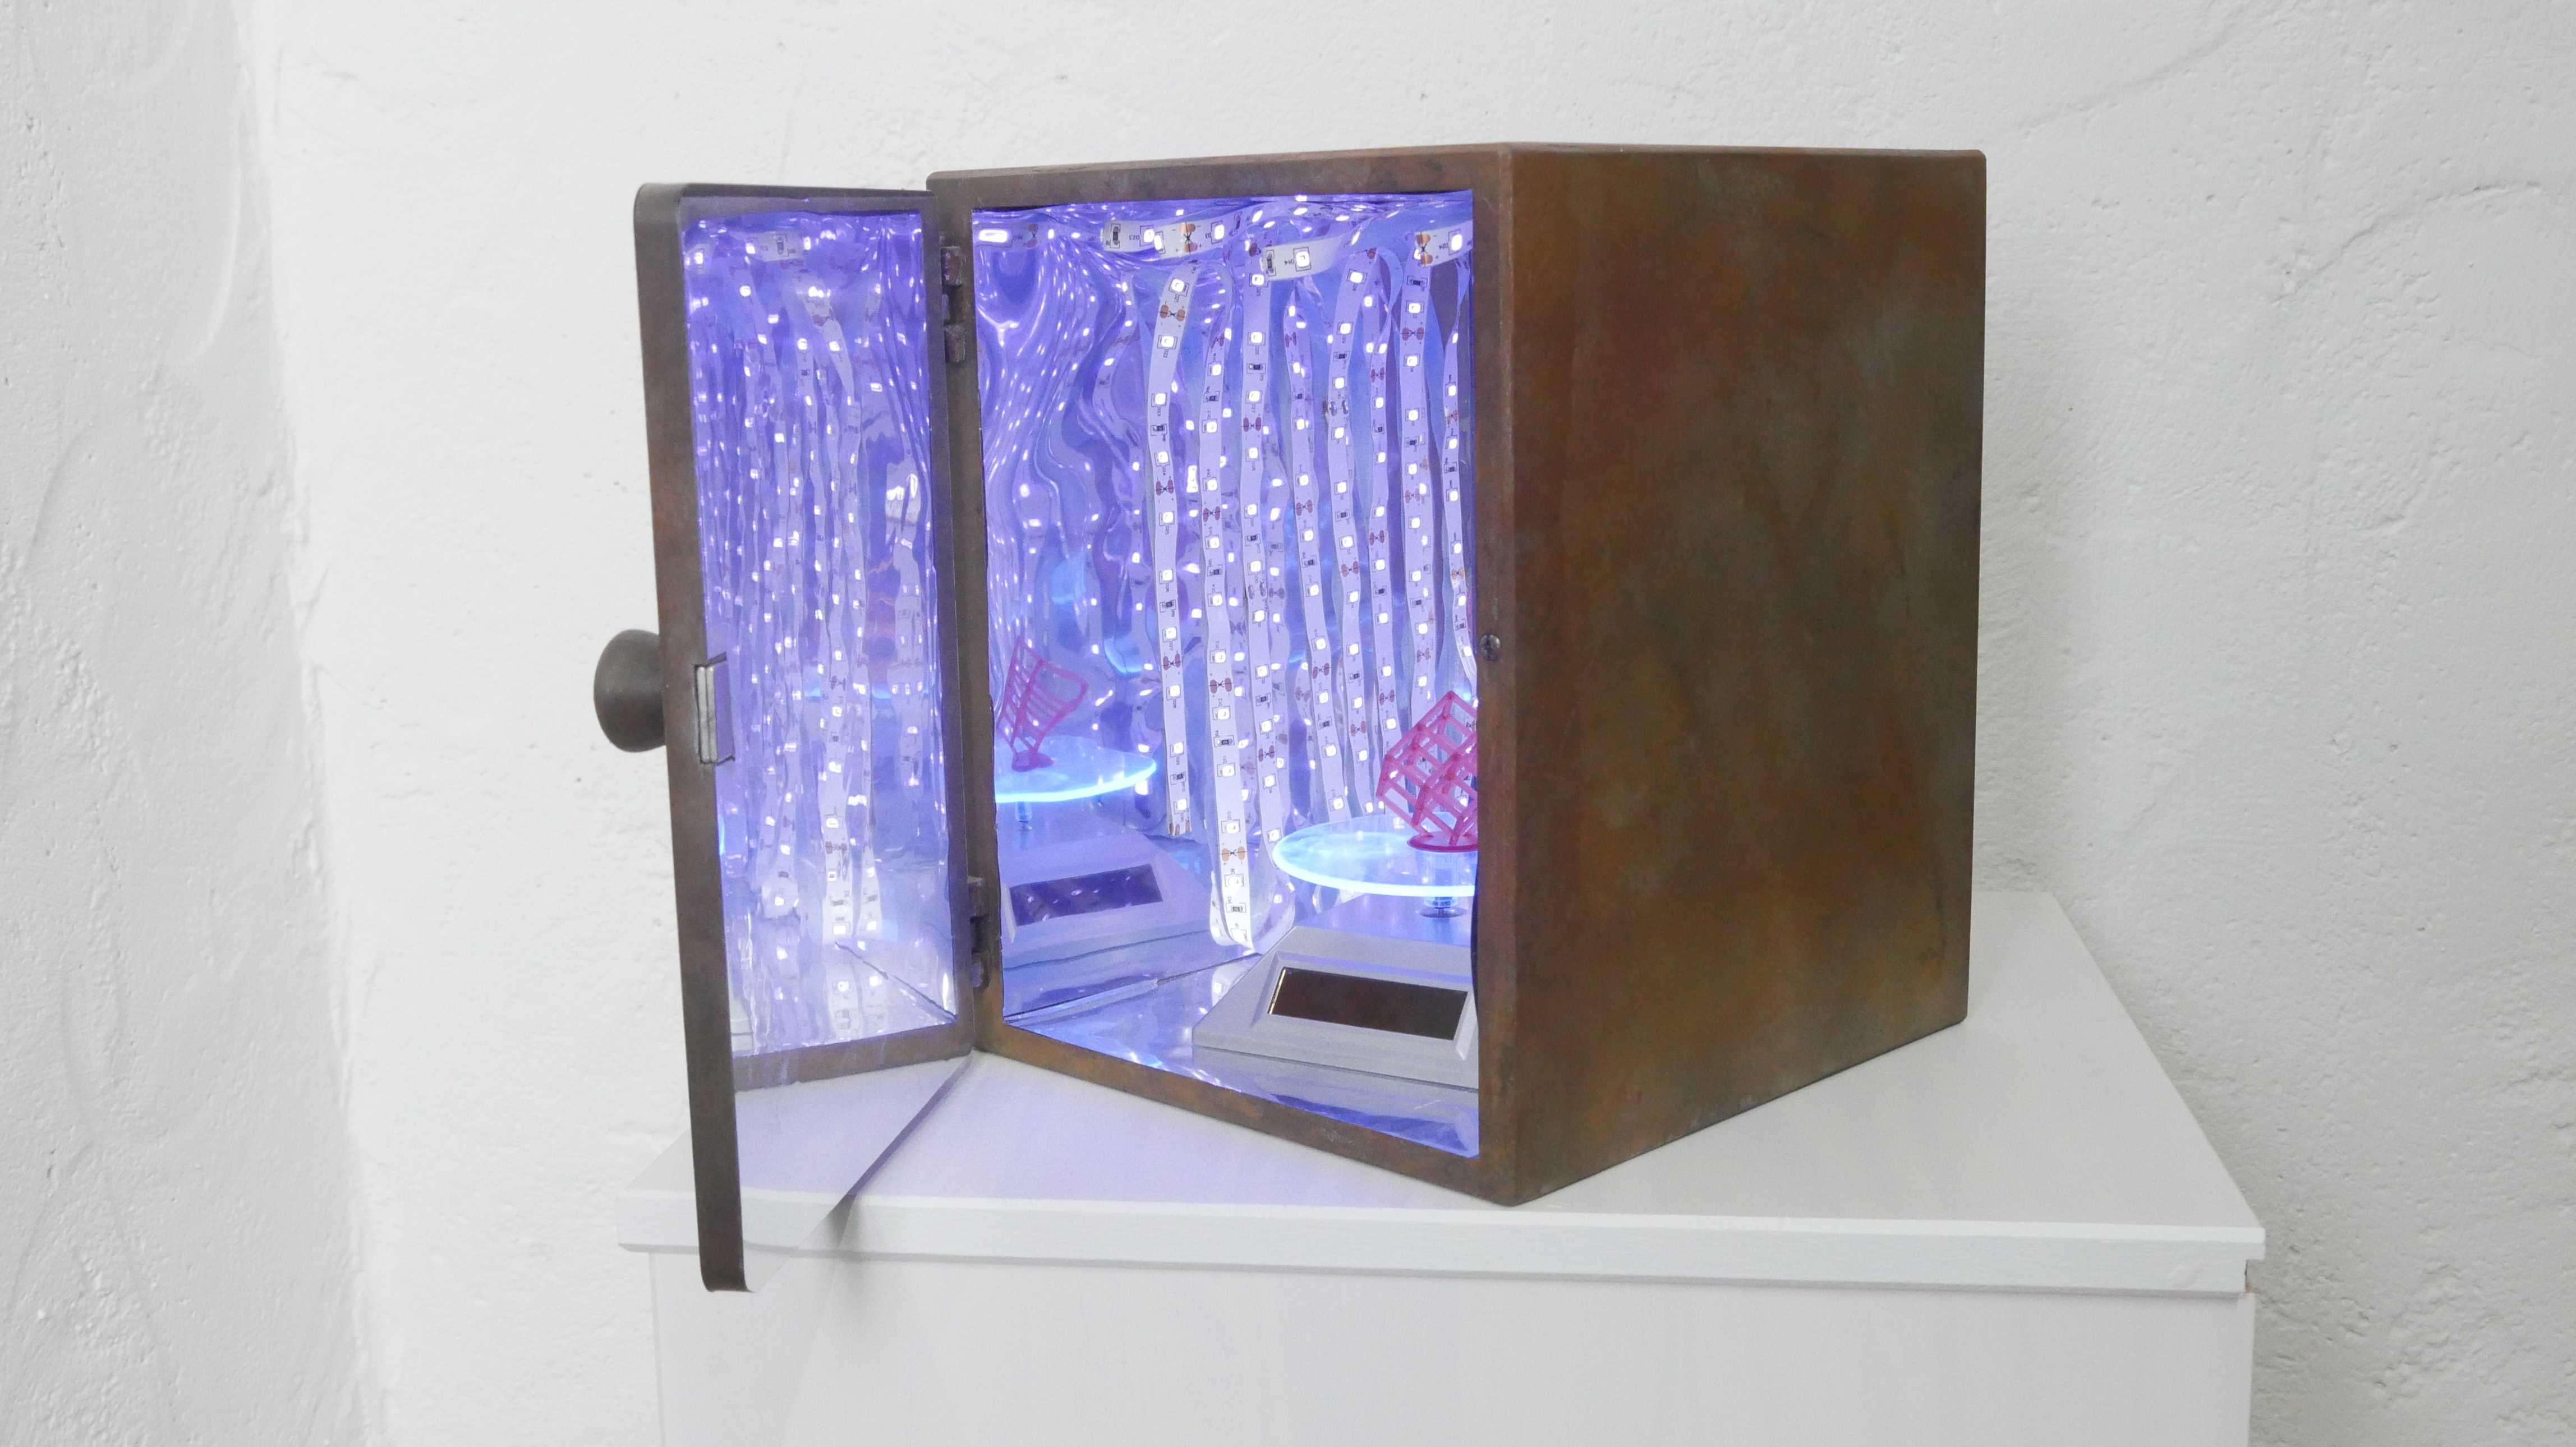 Vor einer weißen Wand steht ein Holzkasten mit geöffneter Tür. Das Innere ist spiegelnd ausgekleidet und mit LED-Streifen beleuchtet. In der Mitte der Kammer steht ein Drehteller.